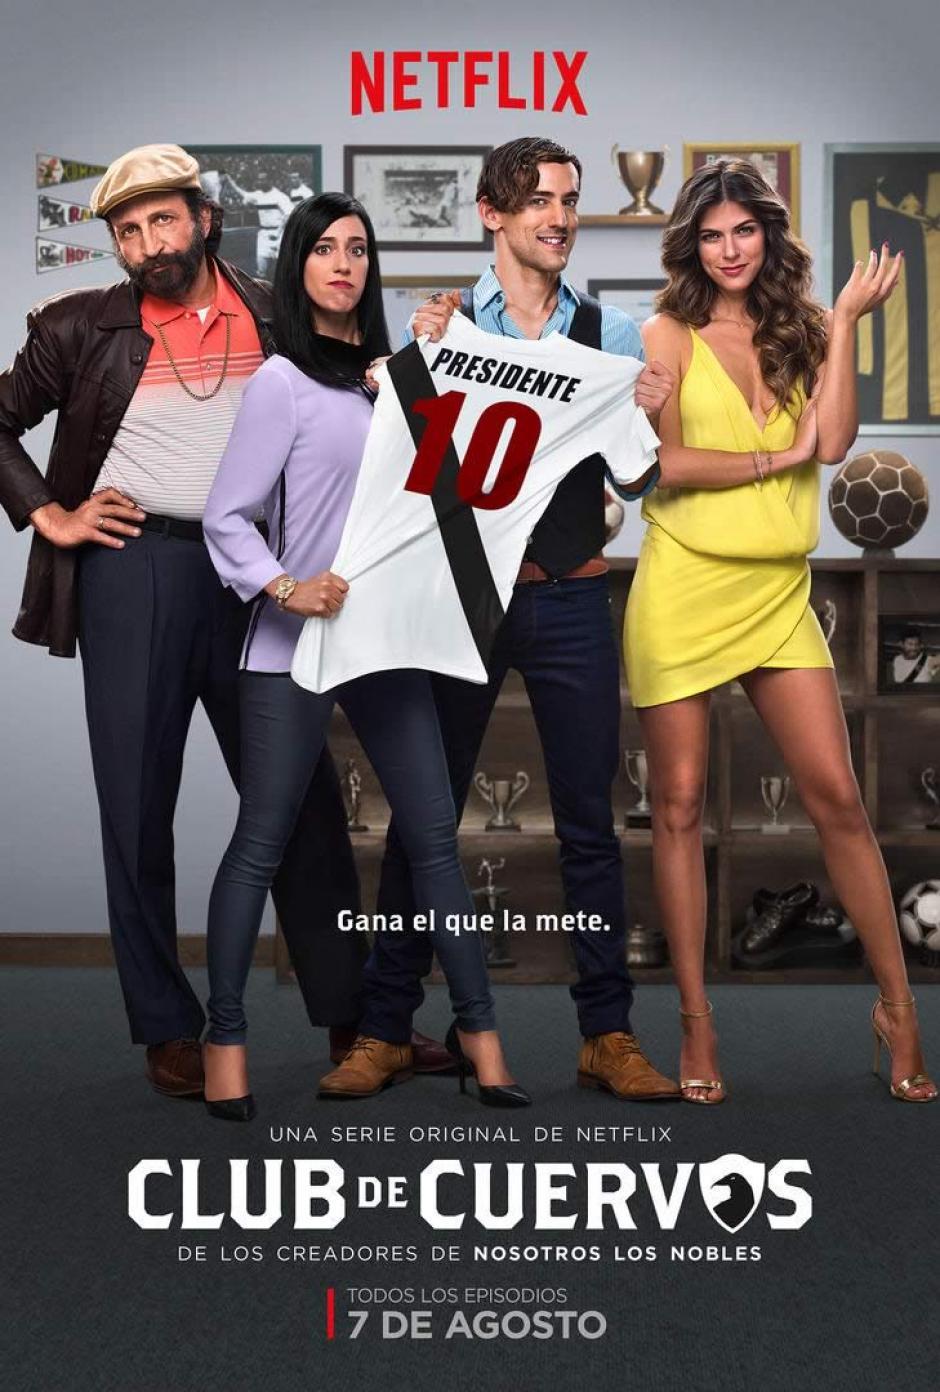 La serie se transmite por Netflix y próximamente se estrenará su segunda temporada. (Foto: cinepremiere.com.mx)